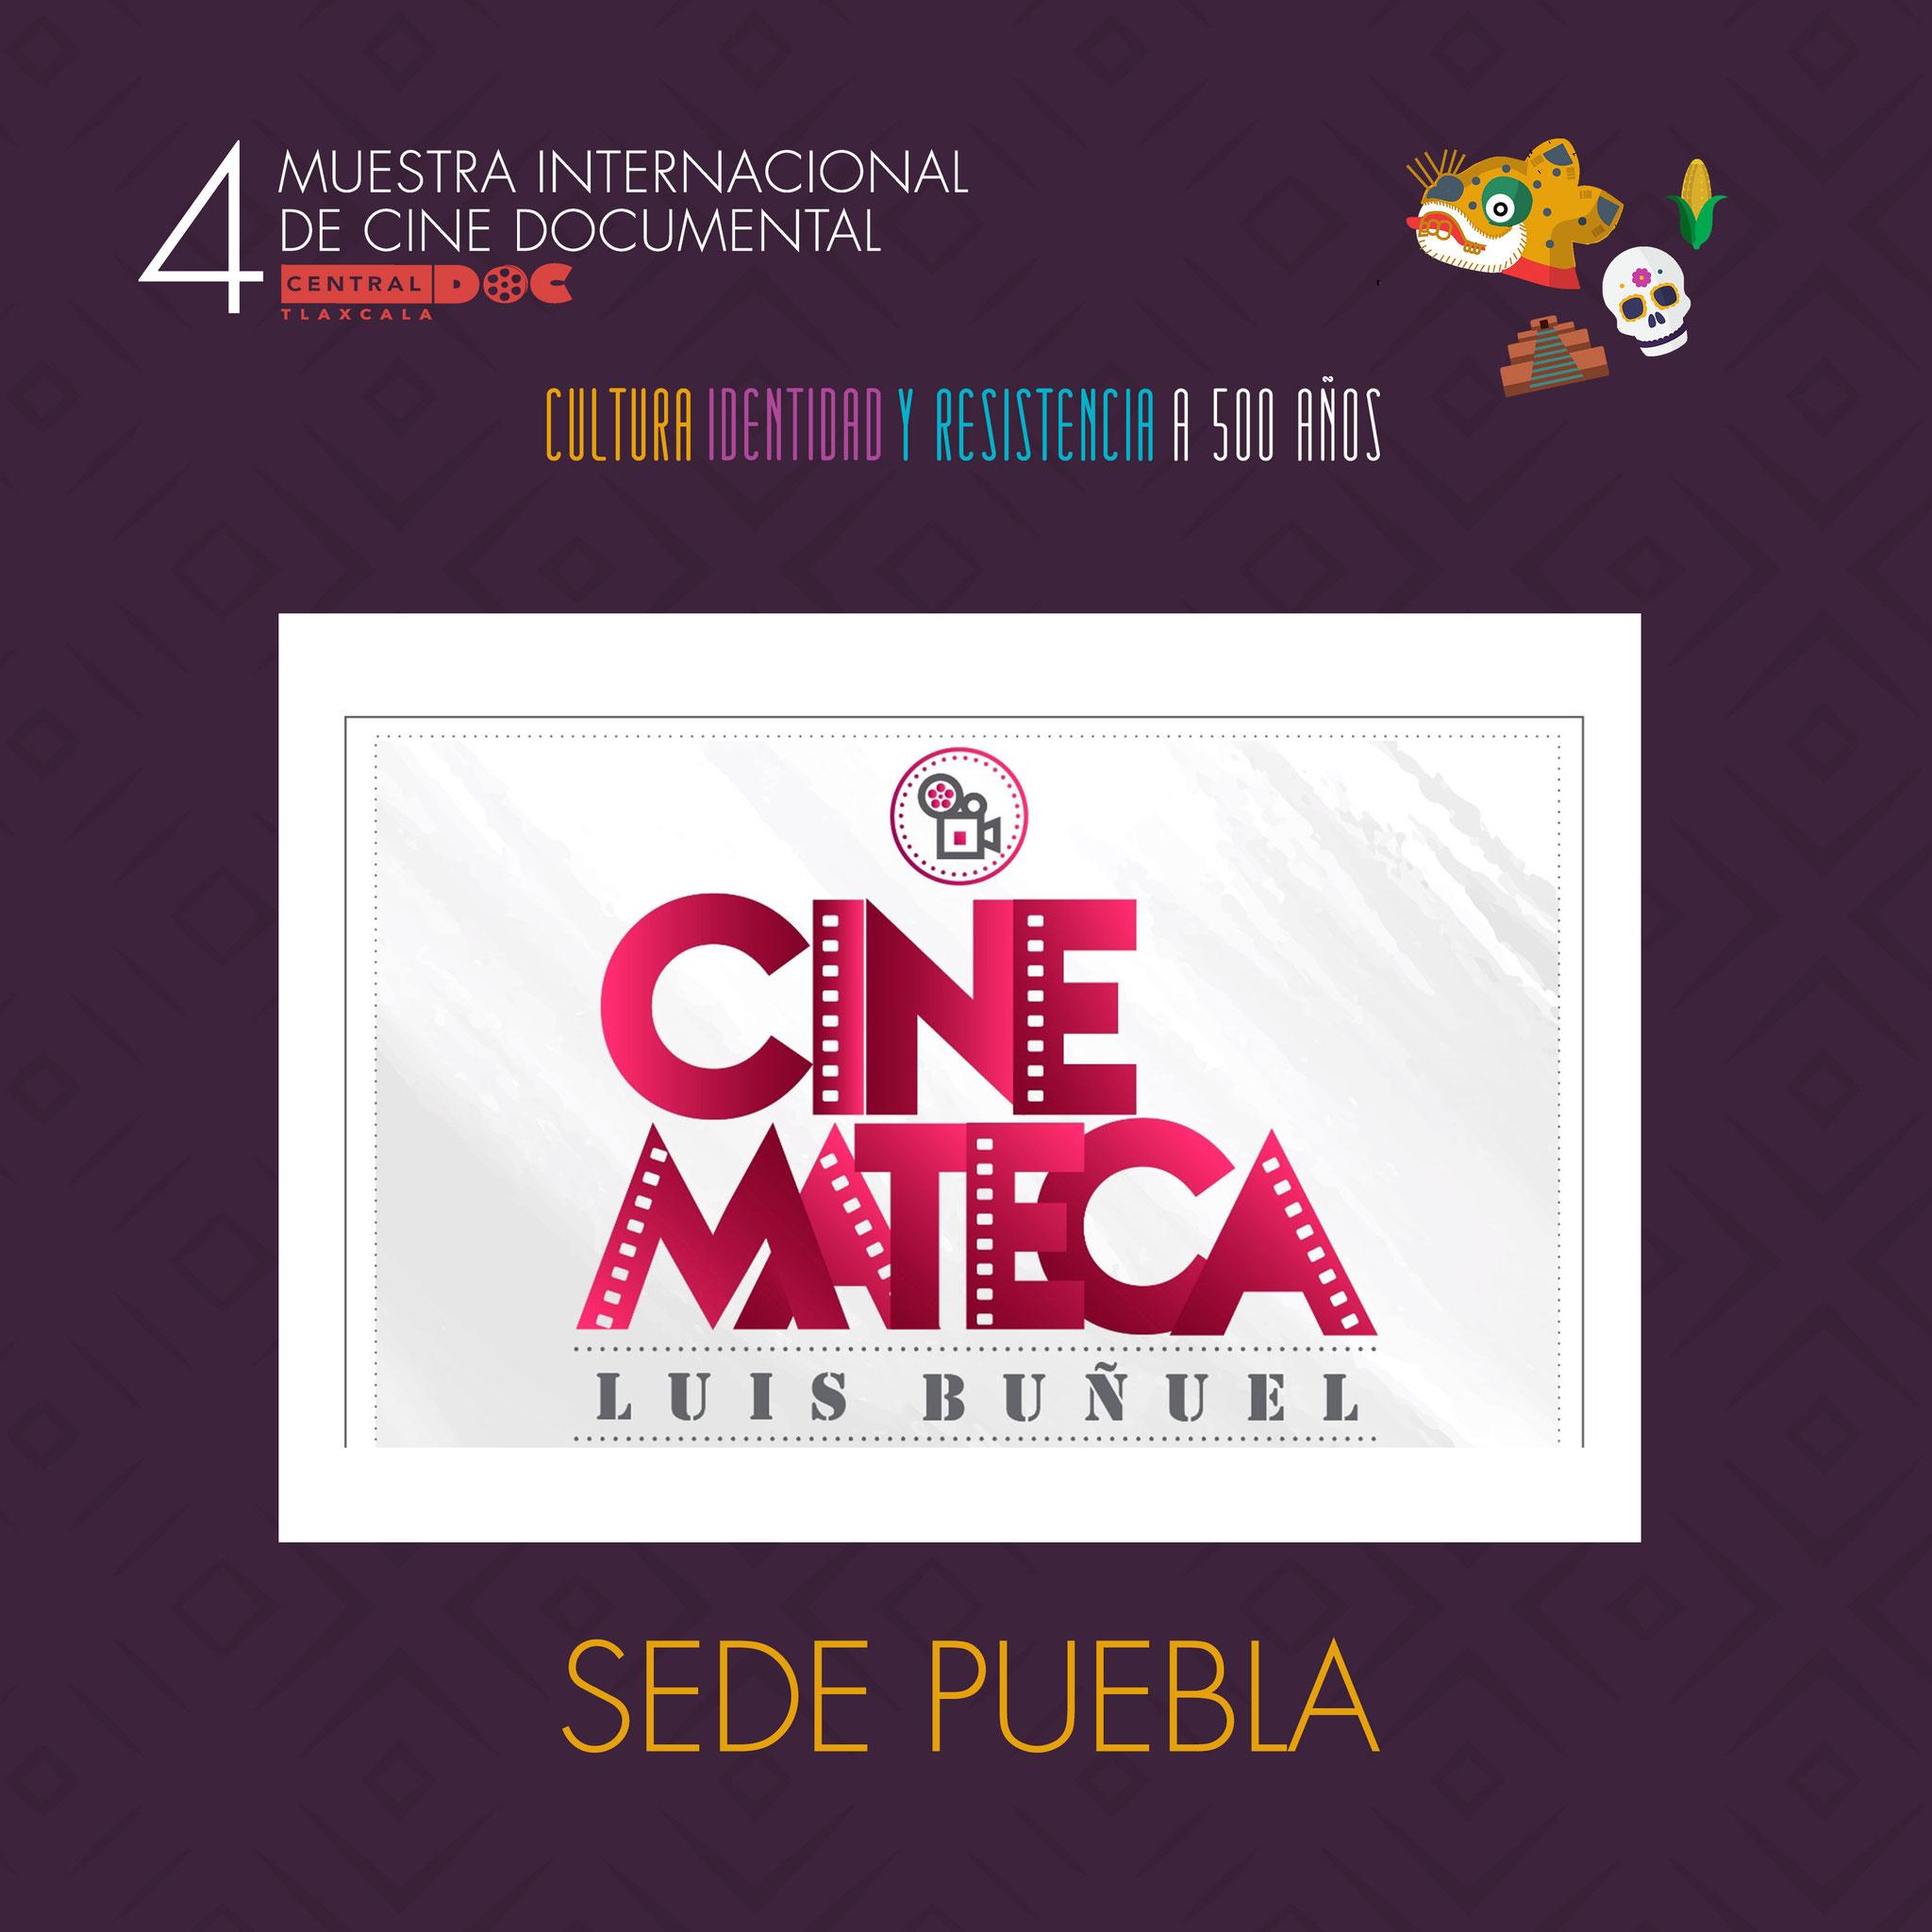 5 Ote 5. Centro. Puebla